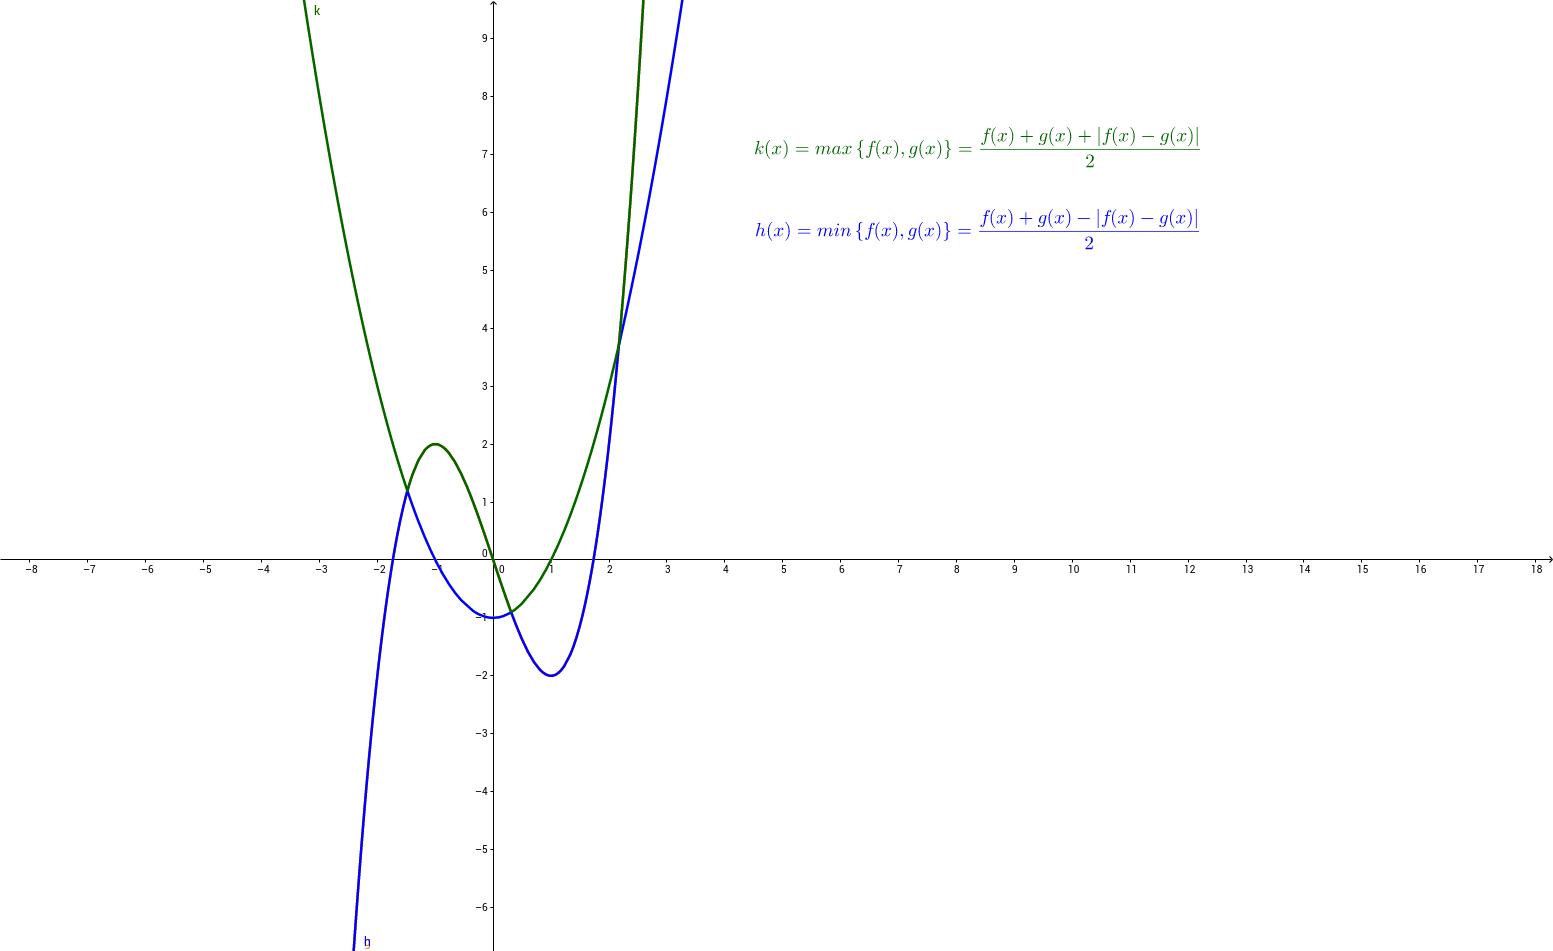 max{f(x),g(x)} 與 min{f(x),g(x)}